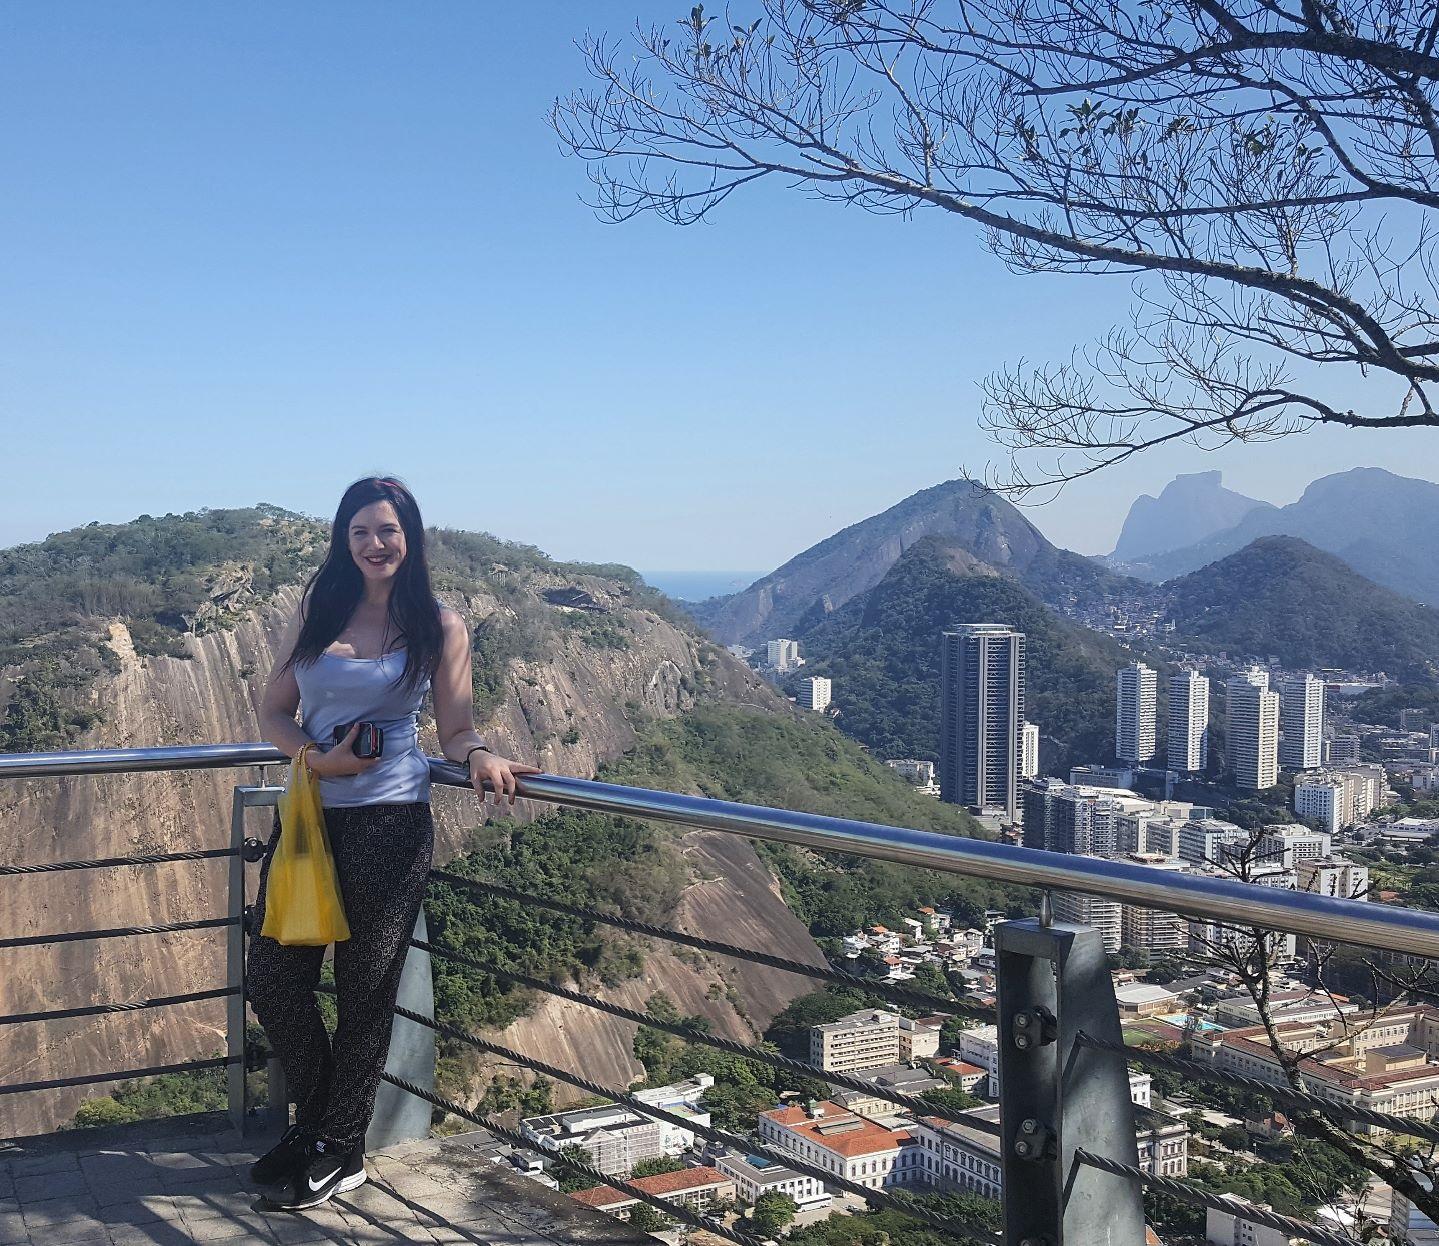 Cazzy in Rio de Janeiro